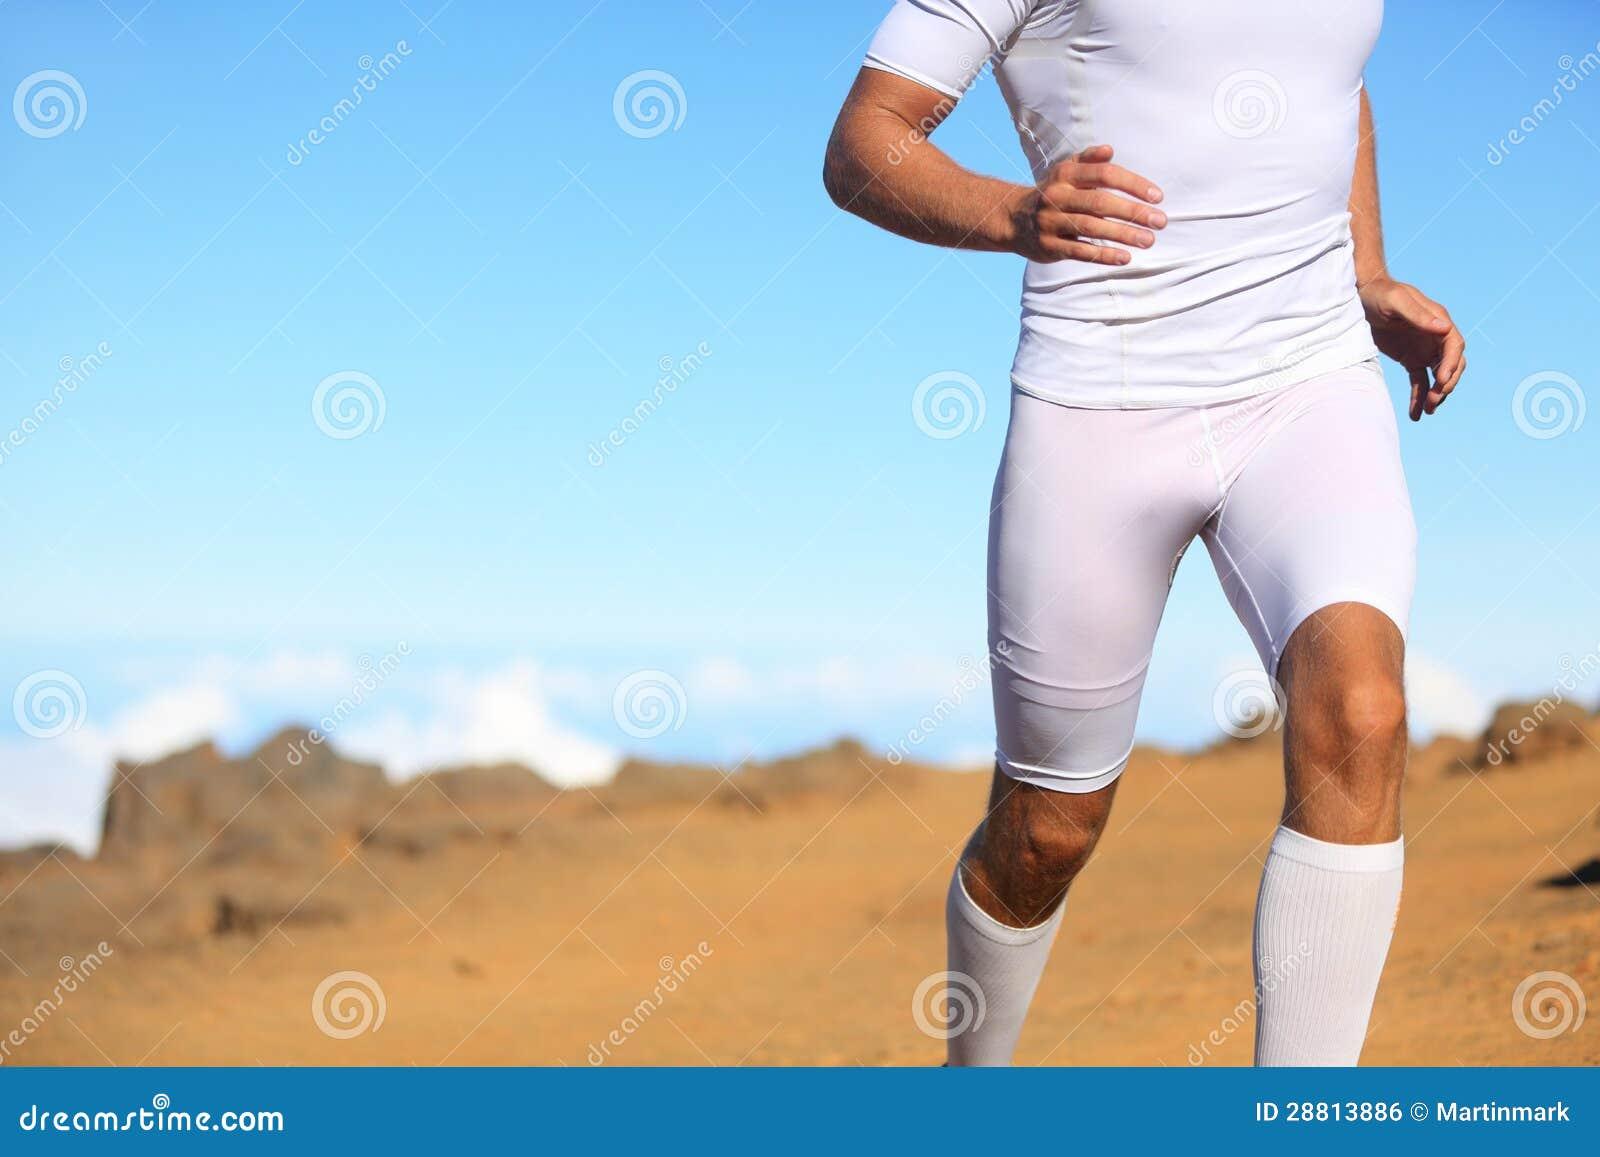 Sport fitness runner running outside in nature man training trail